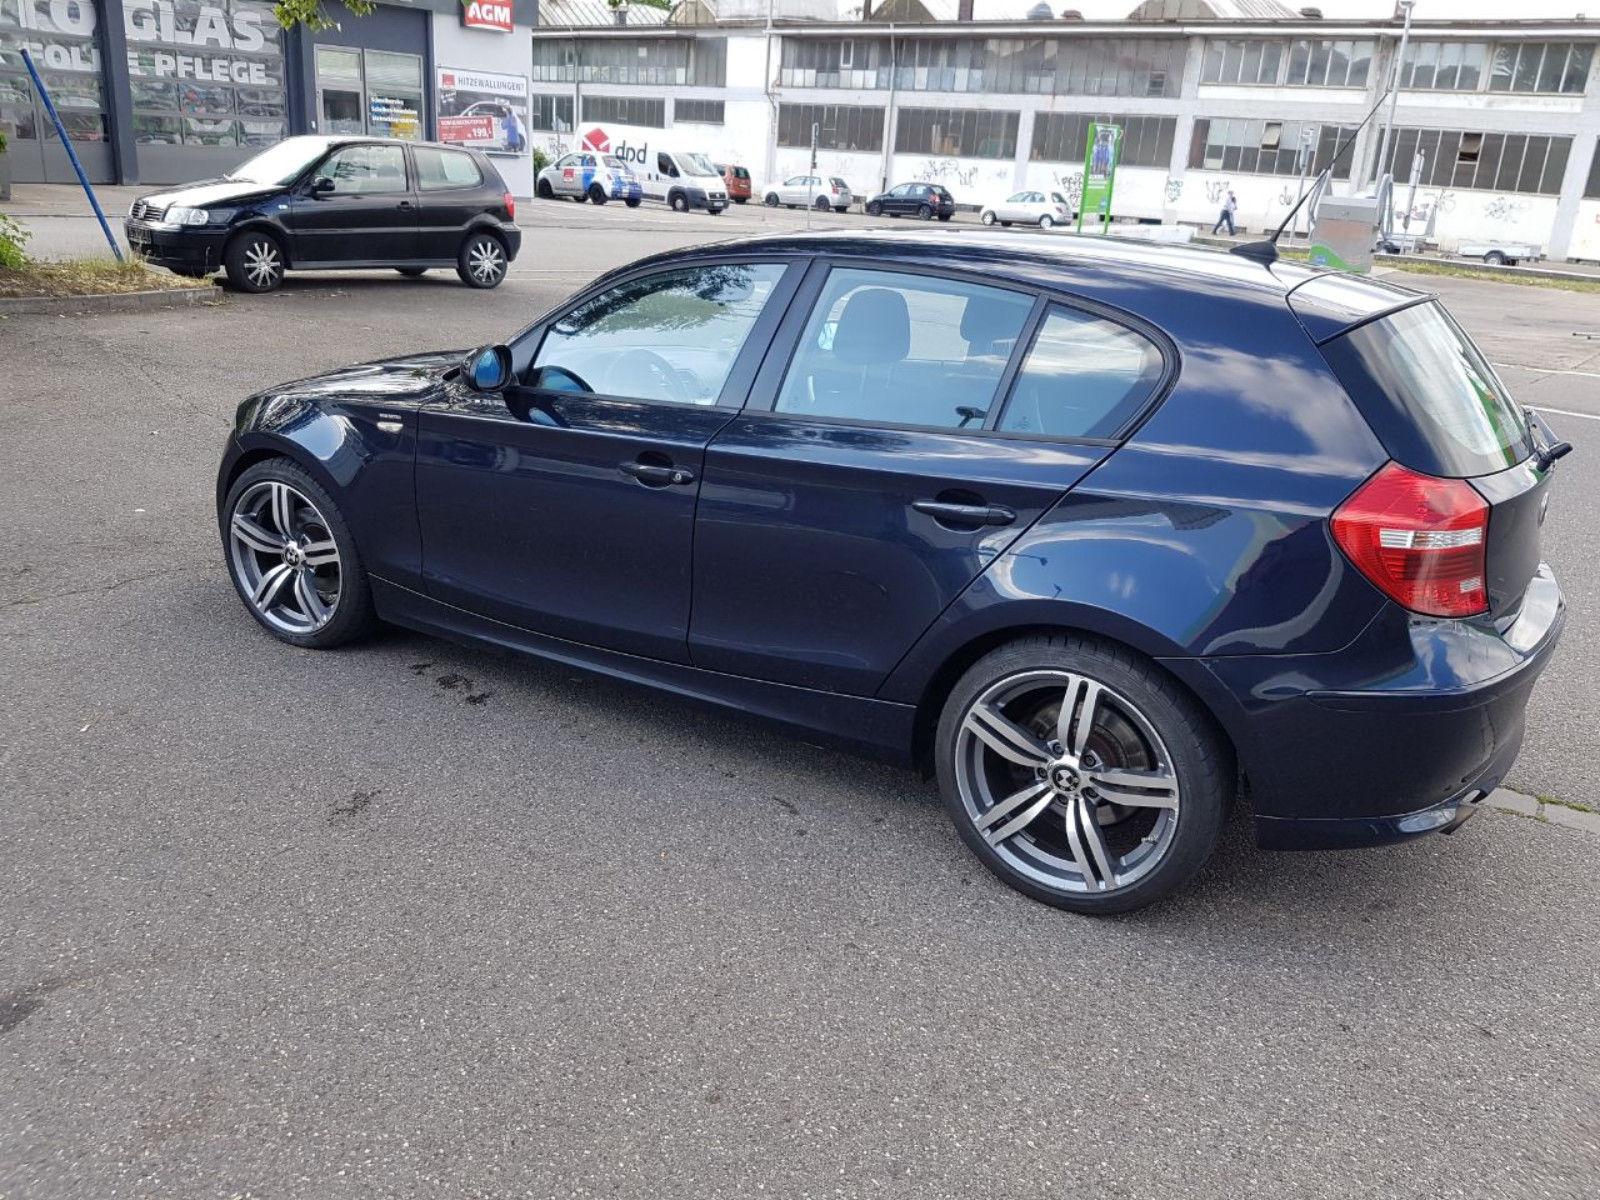 Pokupka na kola ot Germaniya; BMW 118i, 145 k.s., 08.08.2017 (3.1)